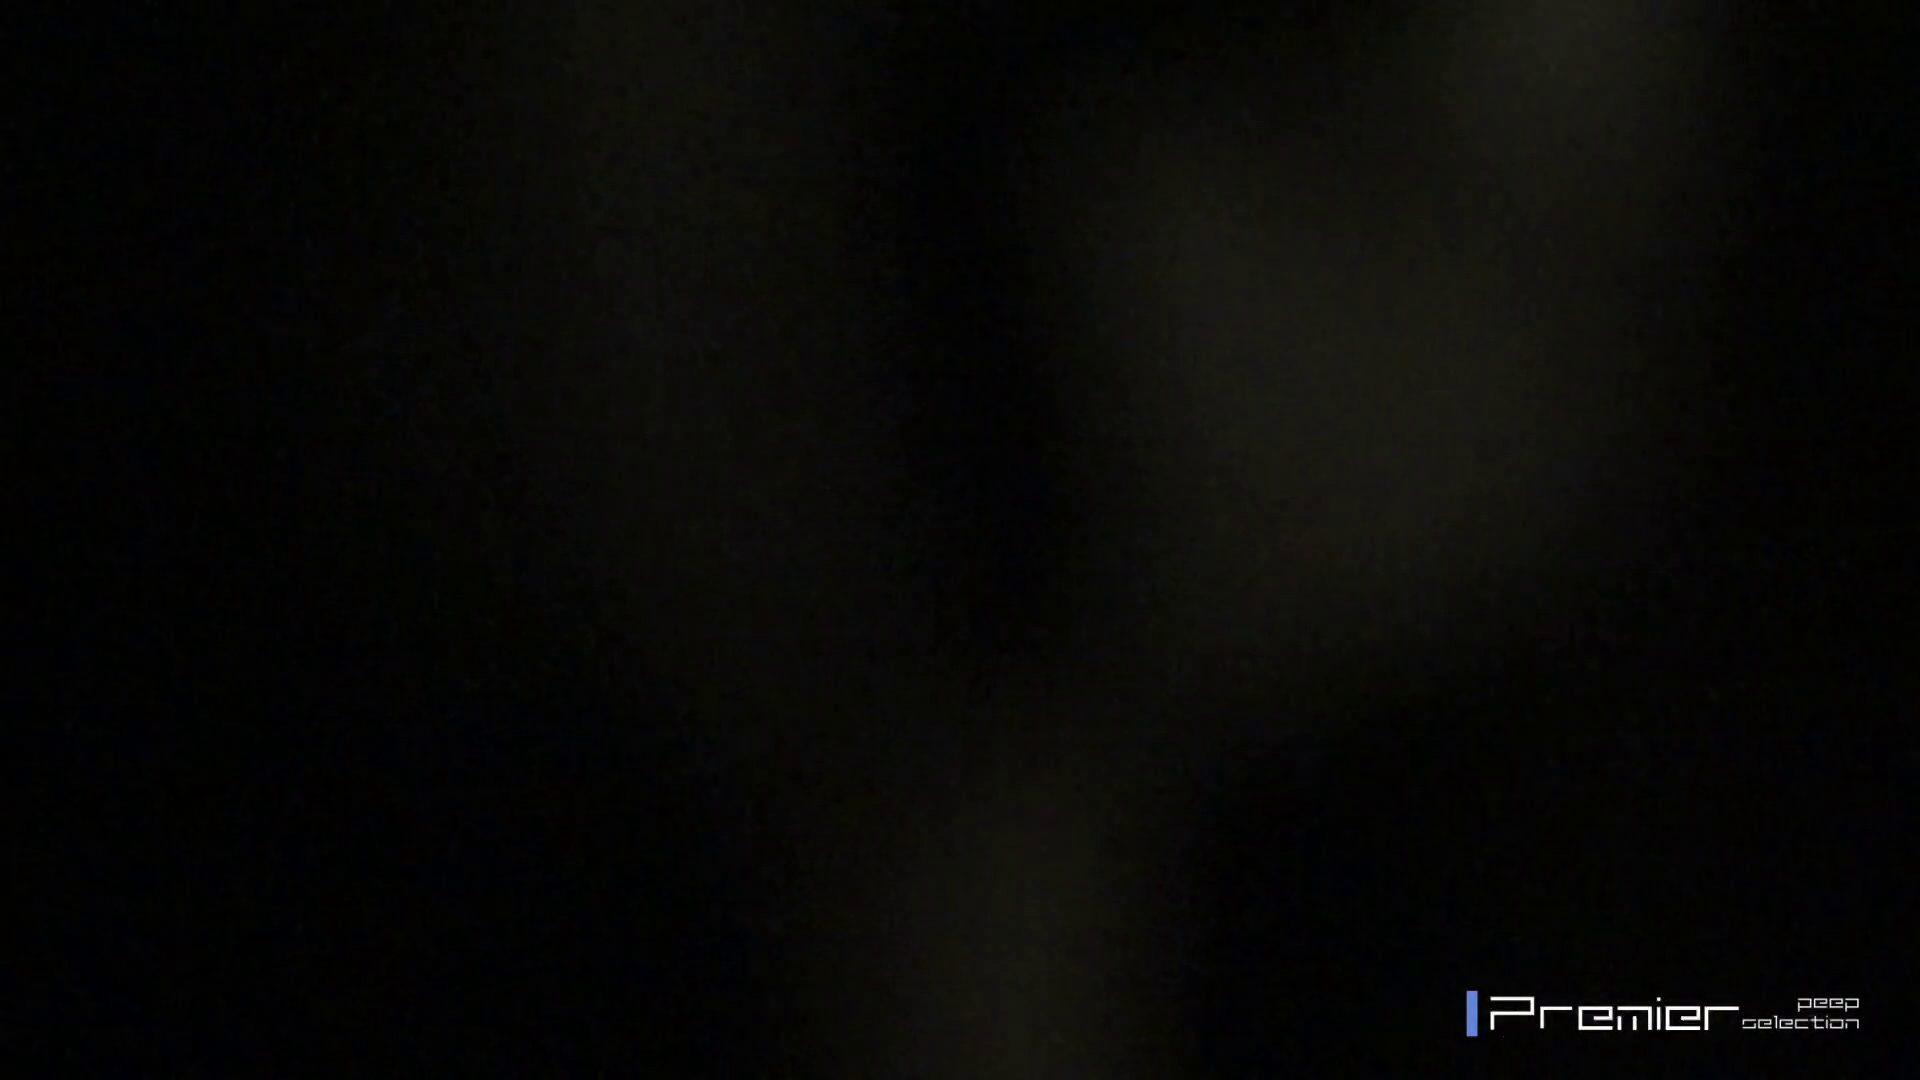 マニア必見!ポチャ達のカーニバル美女達の私生活に潜入! ポチャ エロ画像 112pic 41